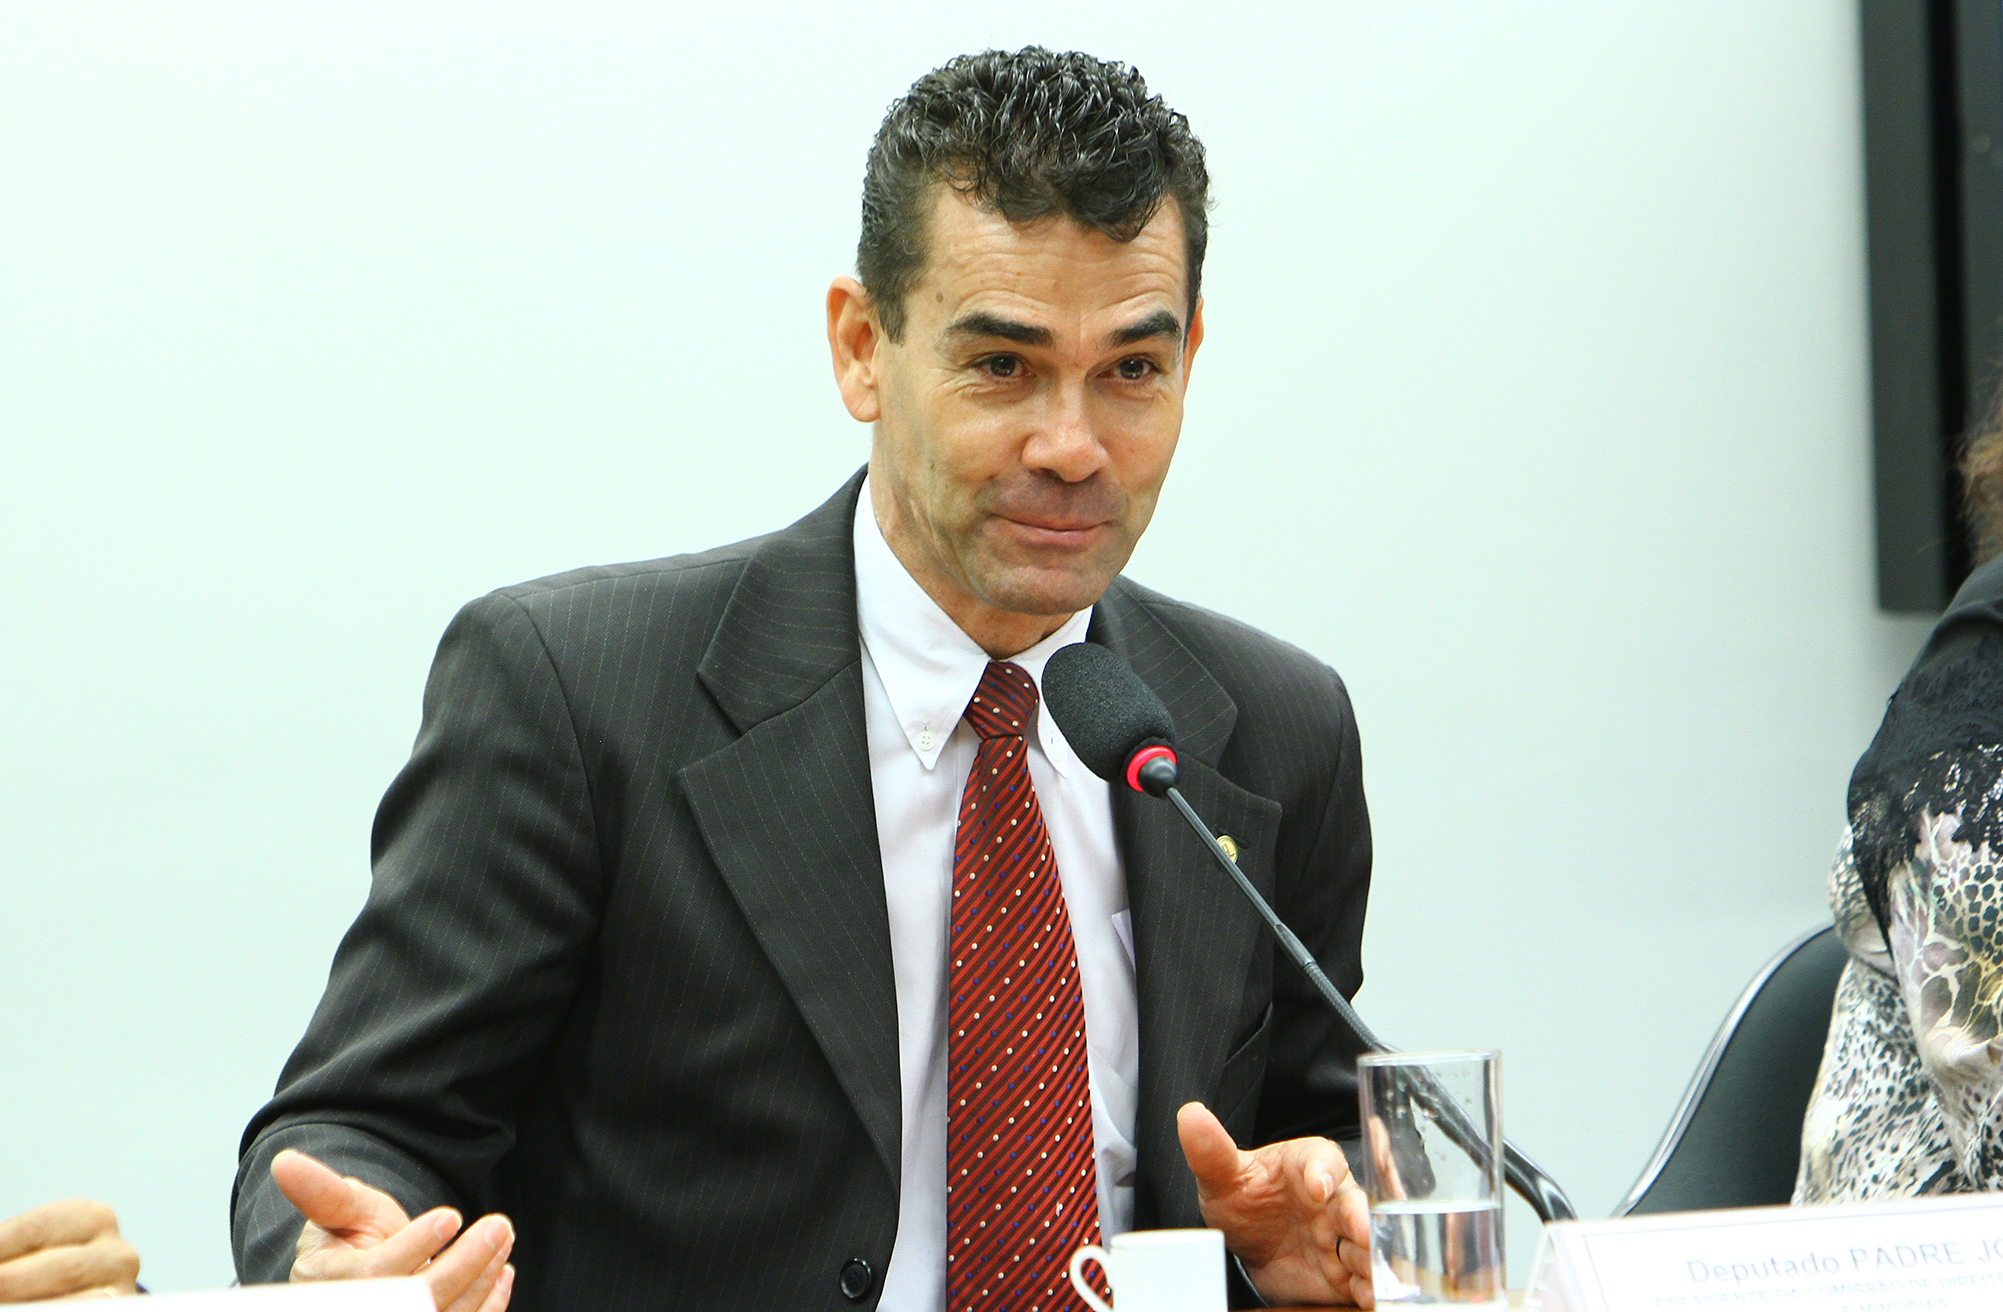 Seminário sobre Direito Humano à Alimentação. Presidente da CDHM, dep. padre João (PT-MG)